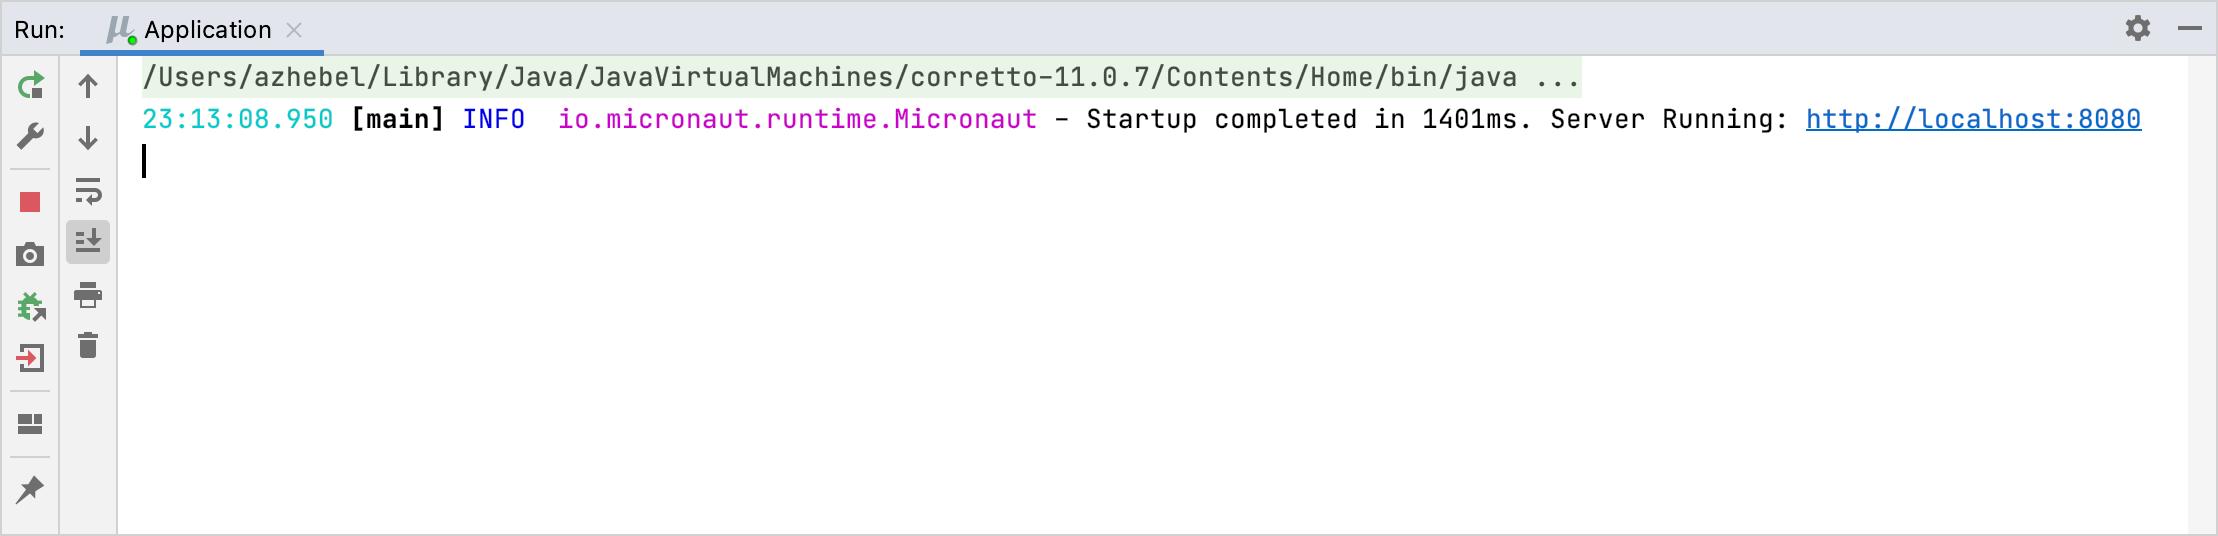 Micronaut application running in the Run tool window